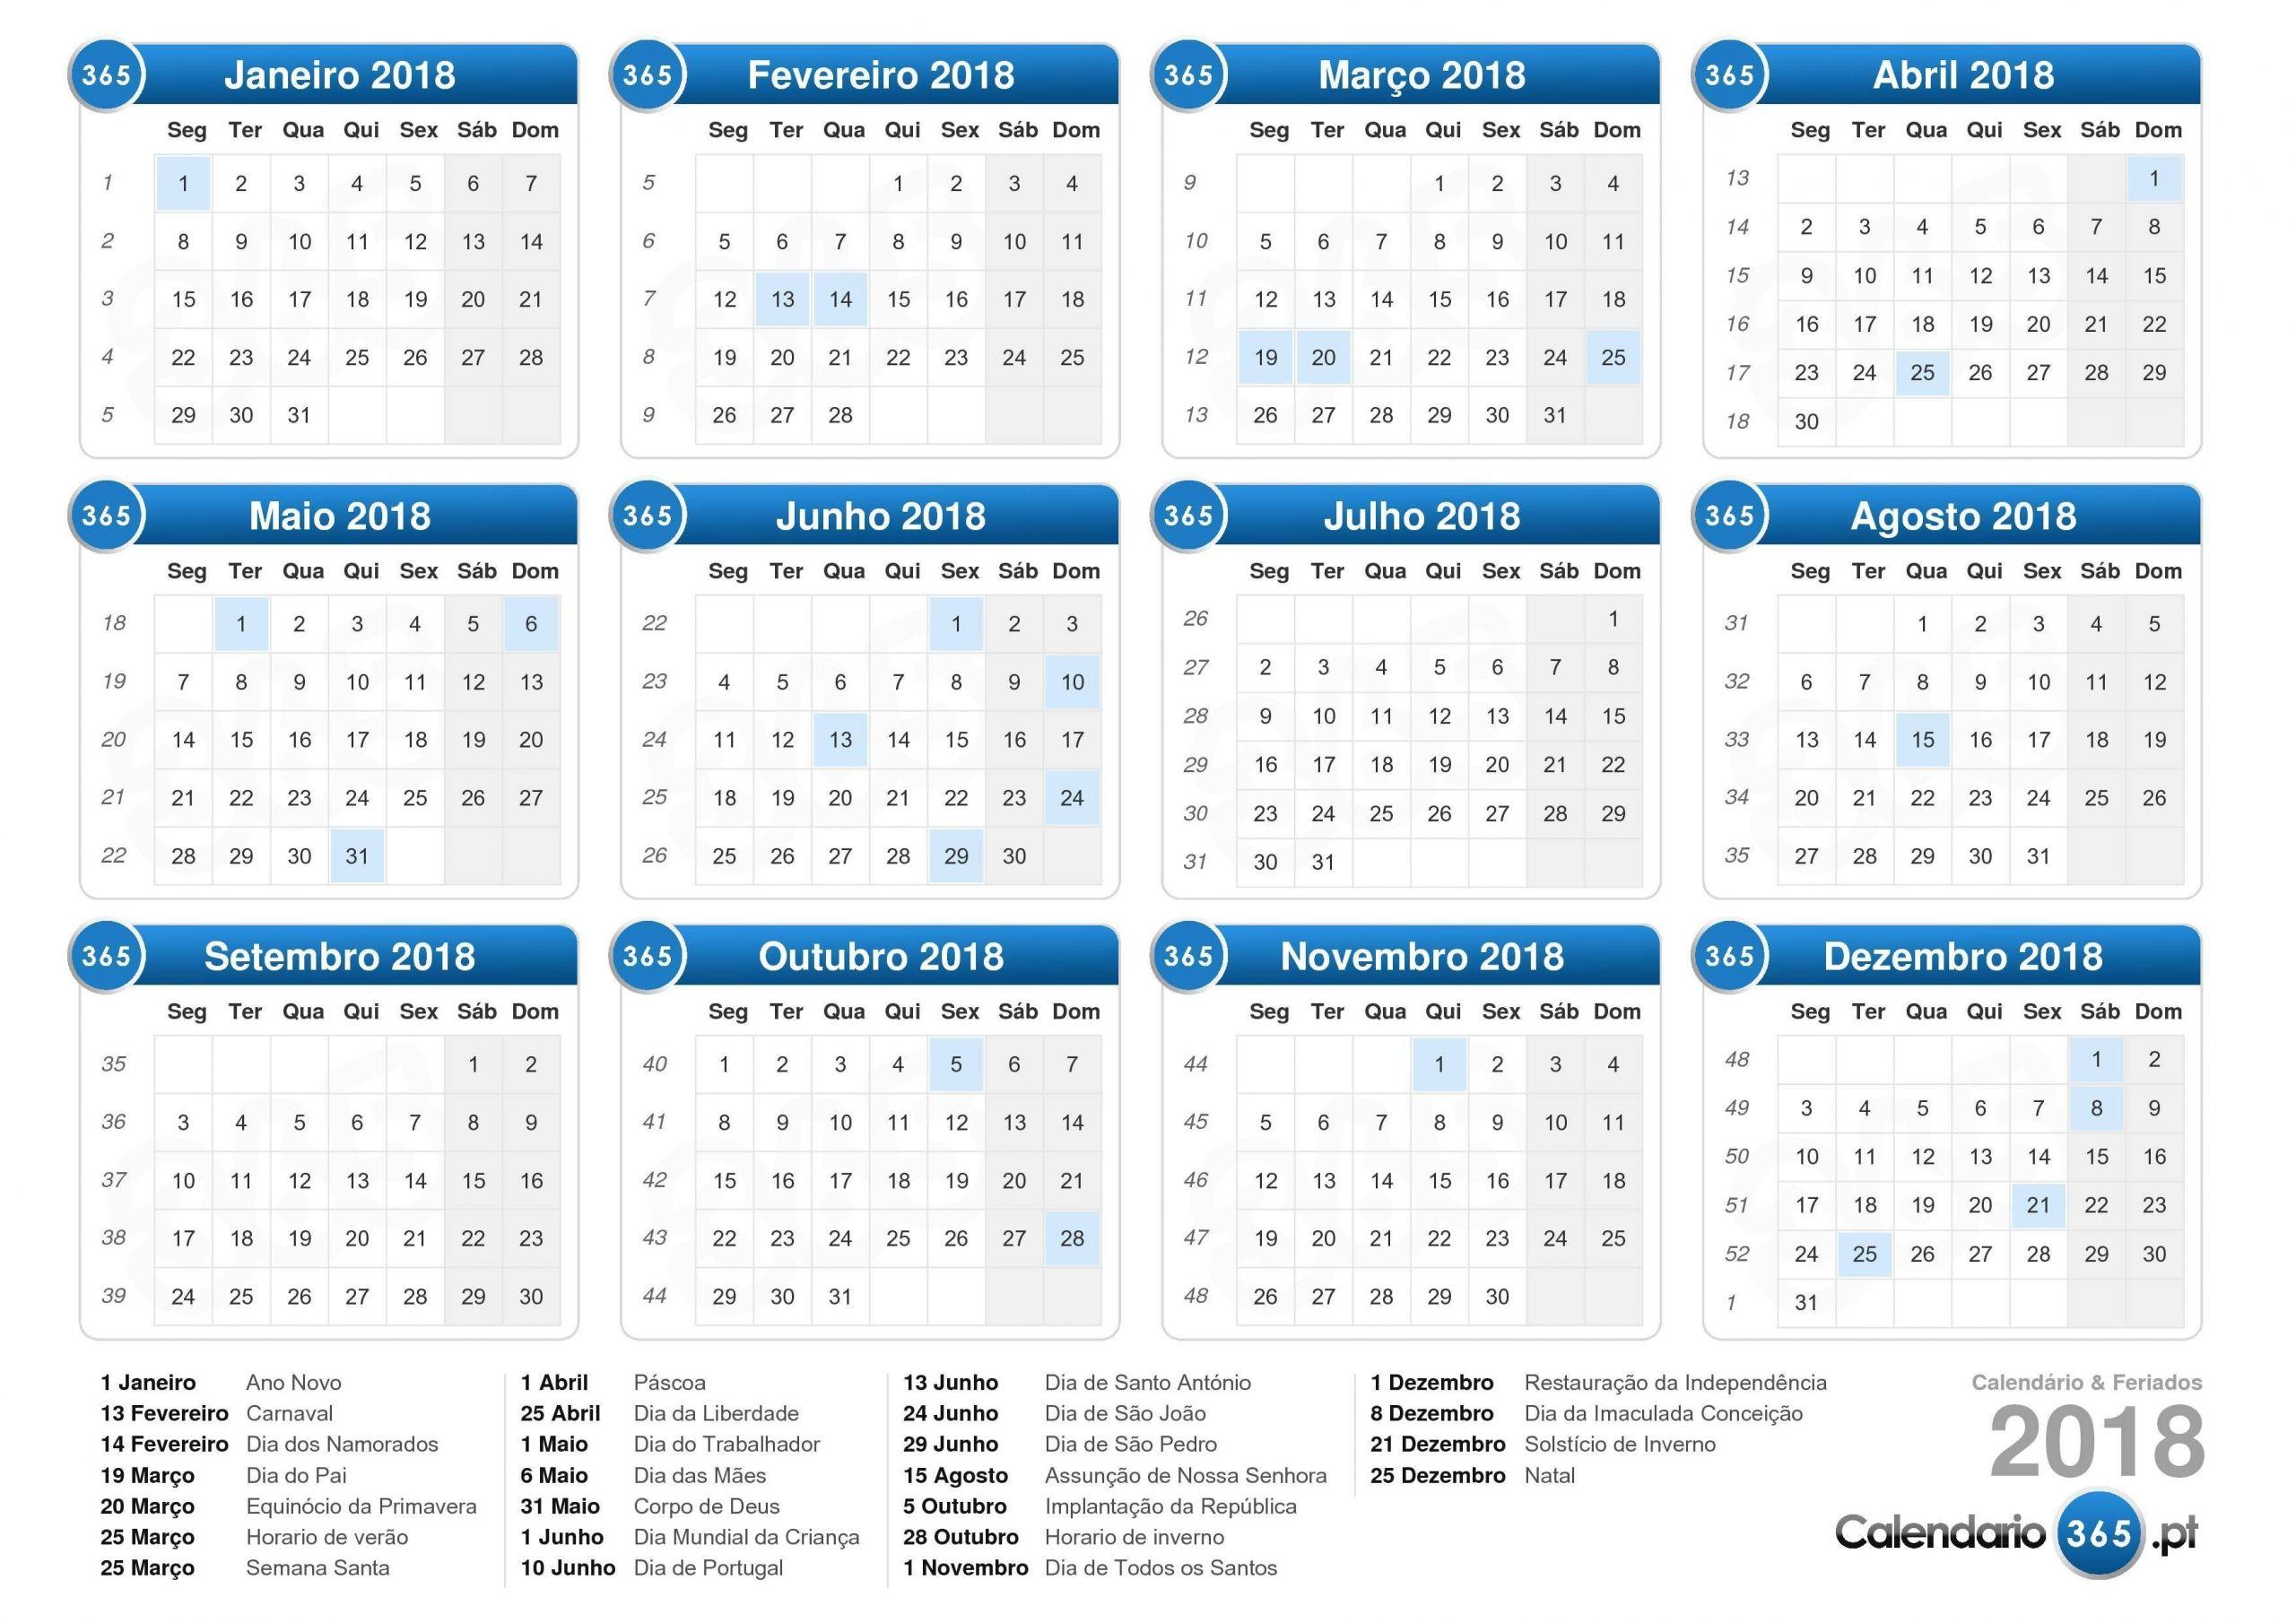 Calendario 2020 Con Festivos Guatemala Más Actual Este Es Sin Duda Calendario 2019 Imprimir Portugues Of Calendario 2020 Con Festivos Guatemala Más Arriba-a-fecha Quito 10 Diciembre 2015 [pdf Document]